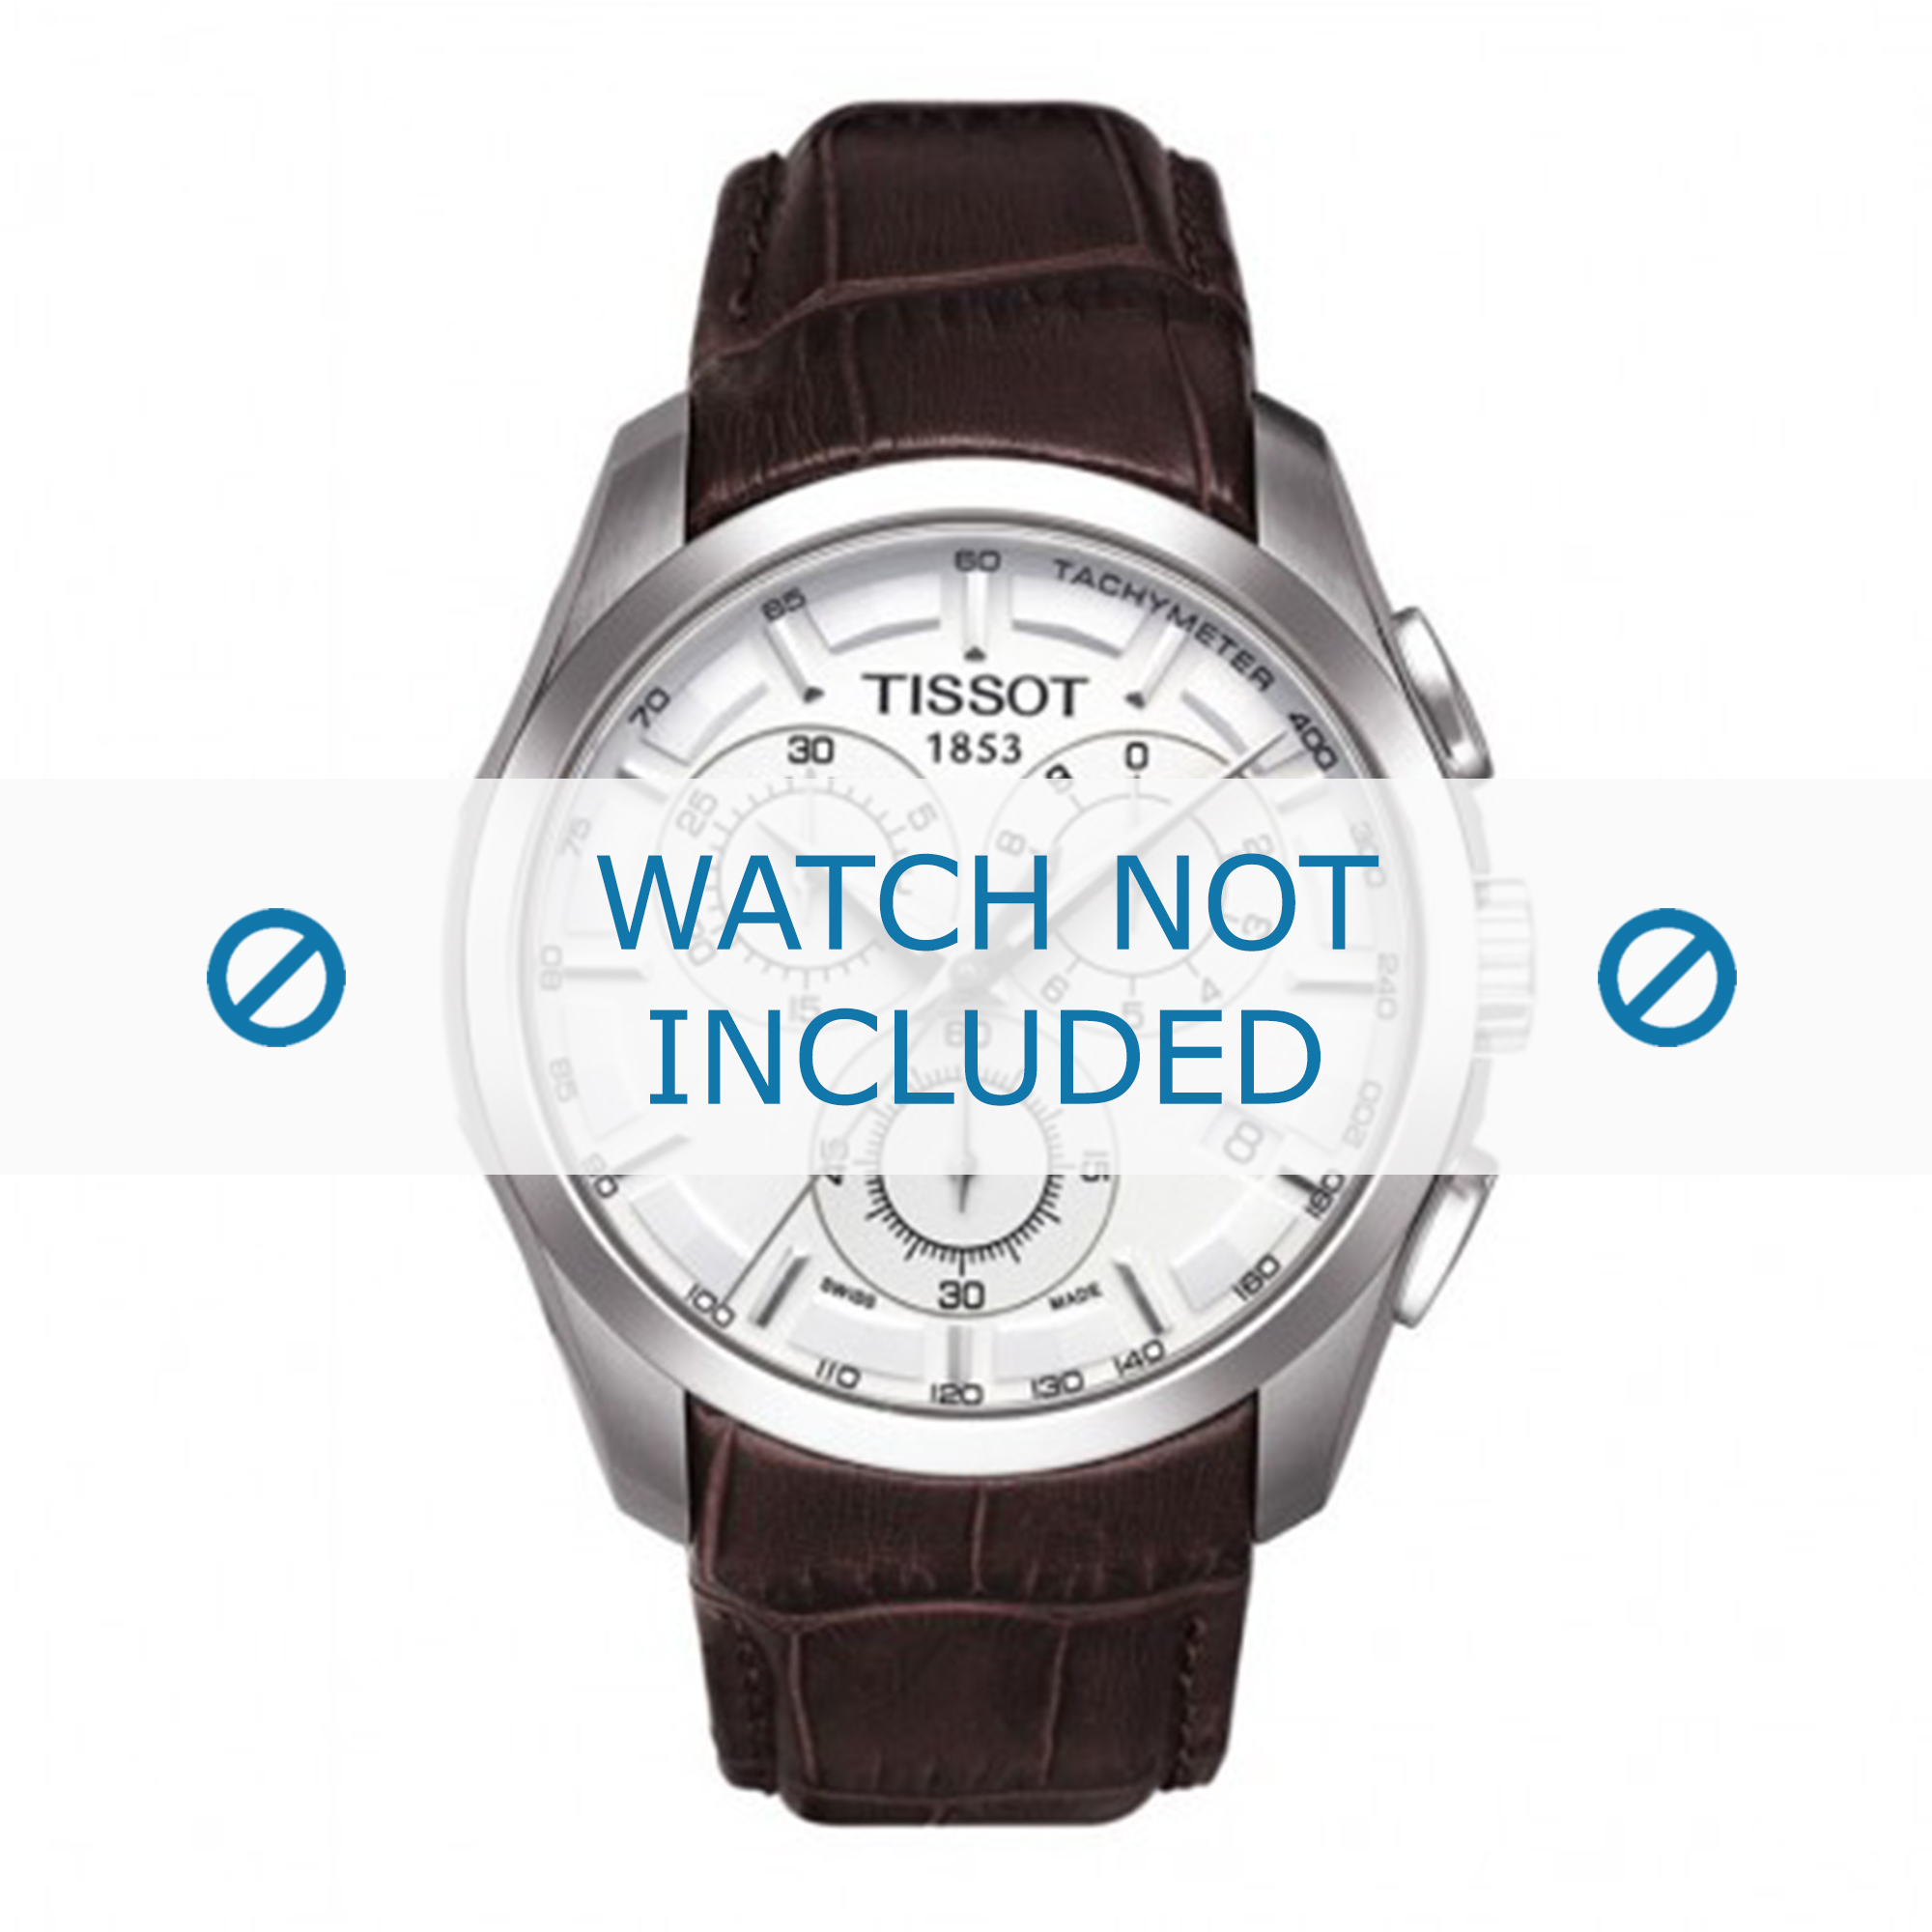 Tissot horlogeband T035.617.16.031.00 T610027774 Leder Bruin 23mm